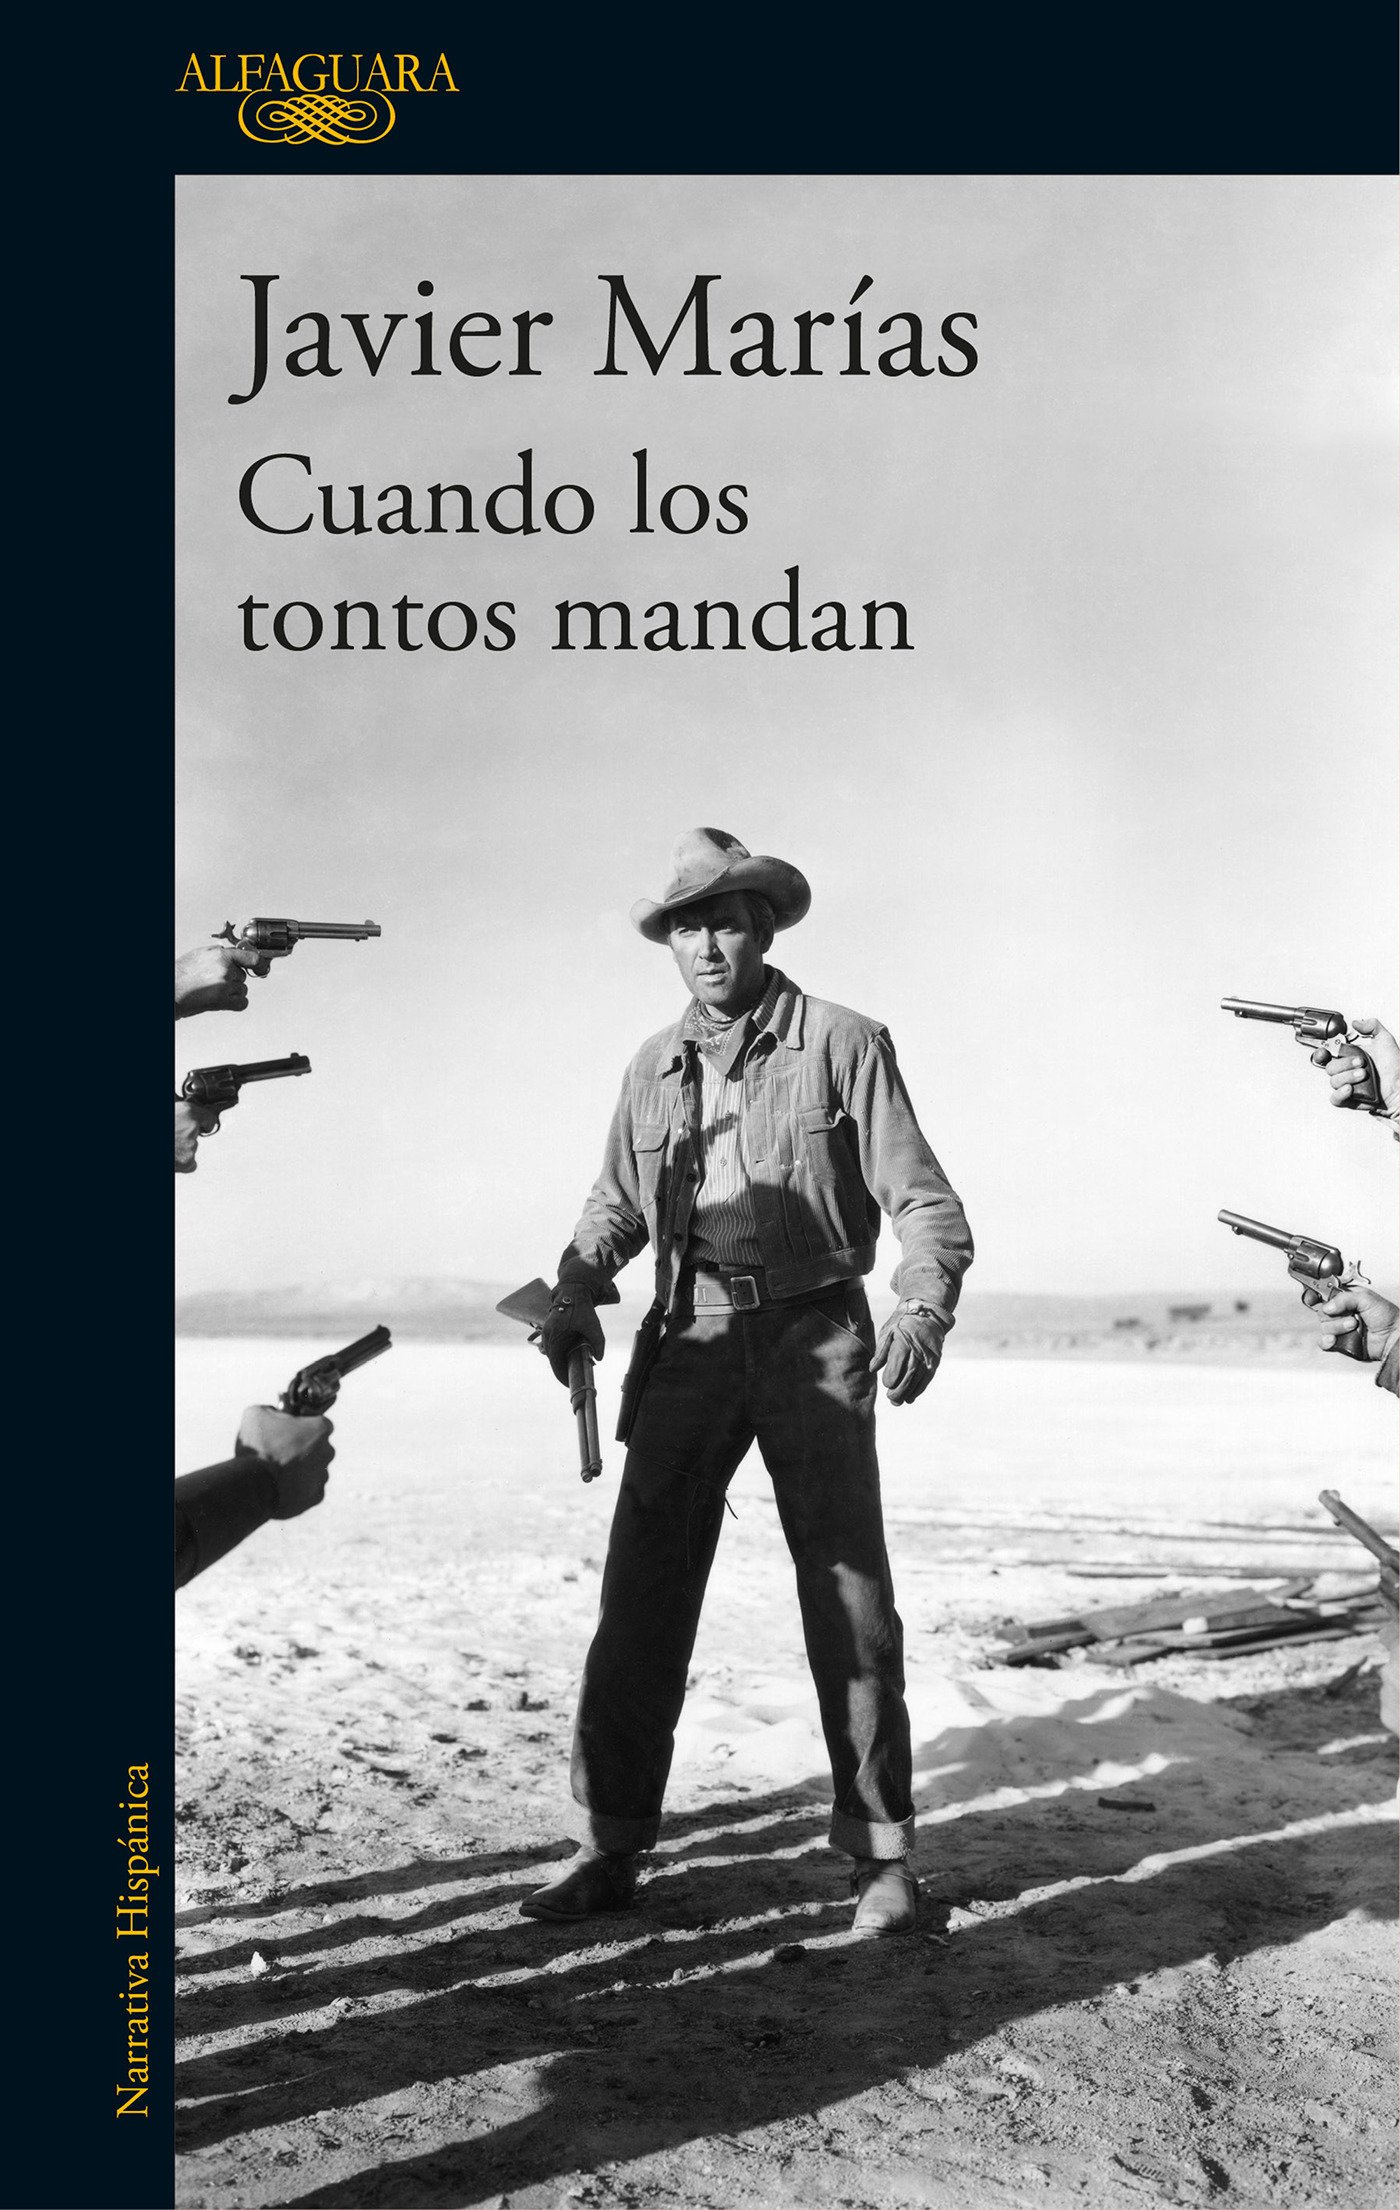 Cuando los tontos mandan (HISPANICA) Tapa blanda – 15 feb 2018 Javier Marías ALFAGUARA 8420432318 Civilization